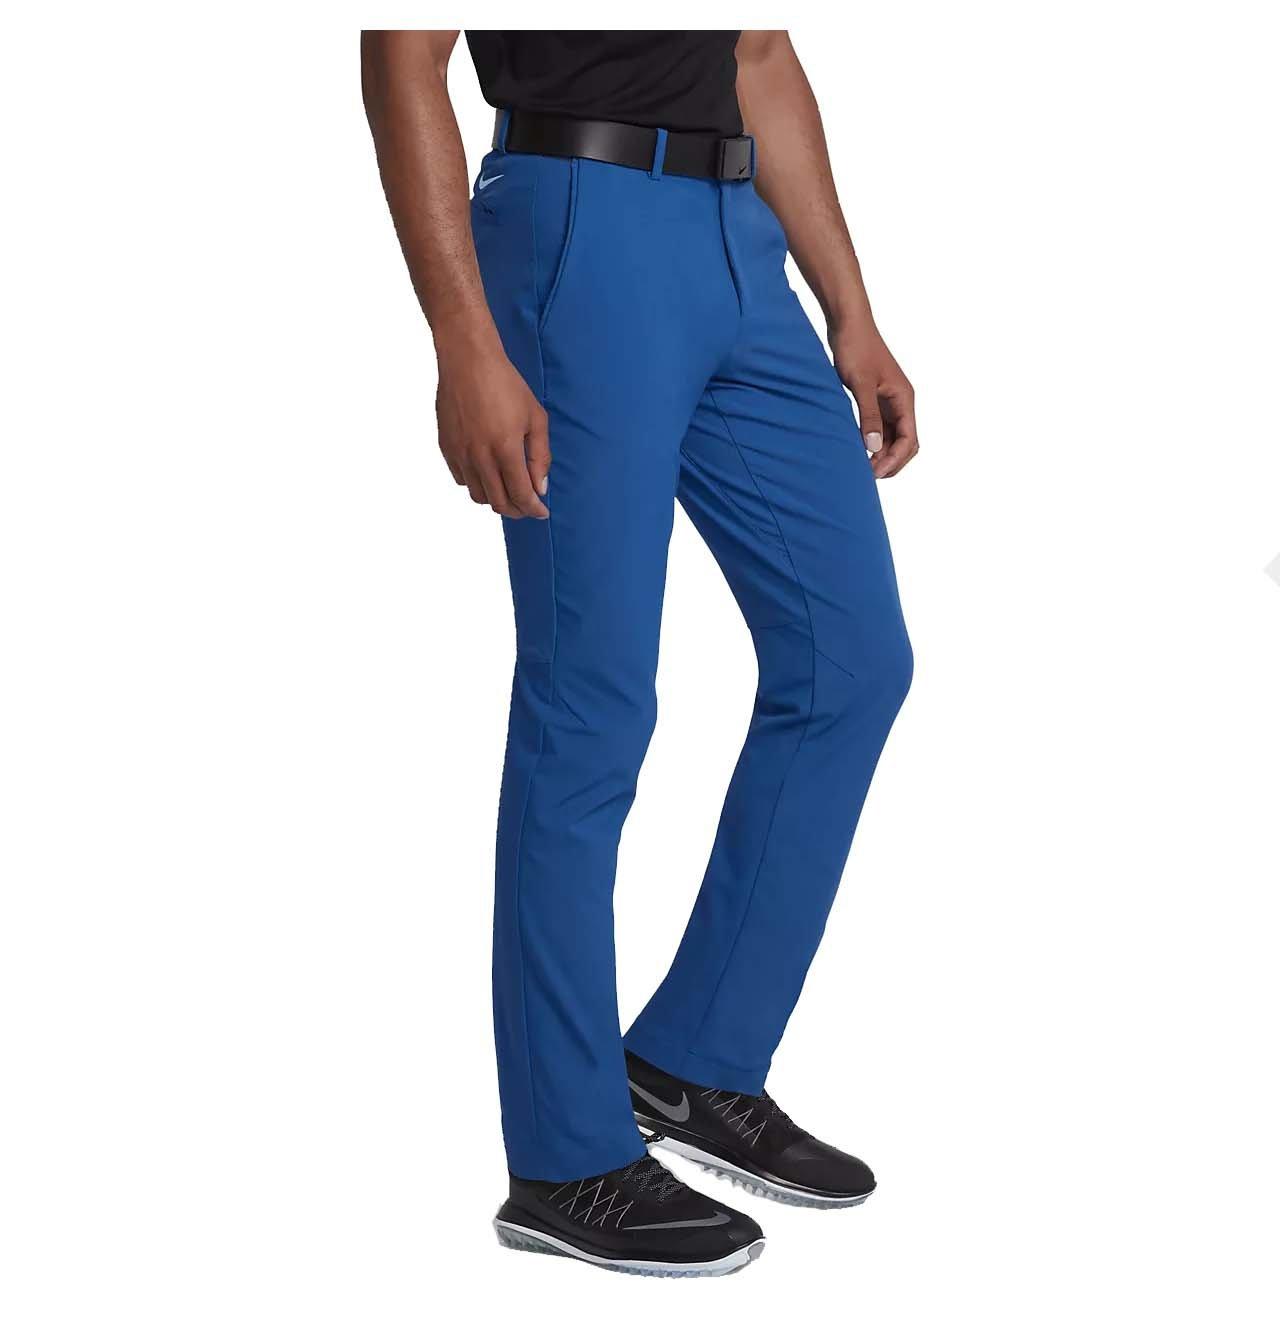 Nike Dynamic Woven Golf Pants Blue Jay 833186-433 (38WX30L) by Nike